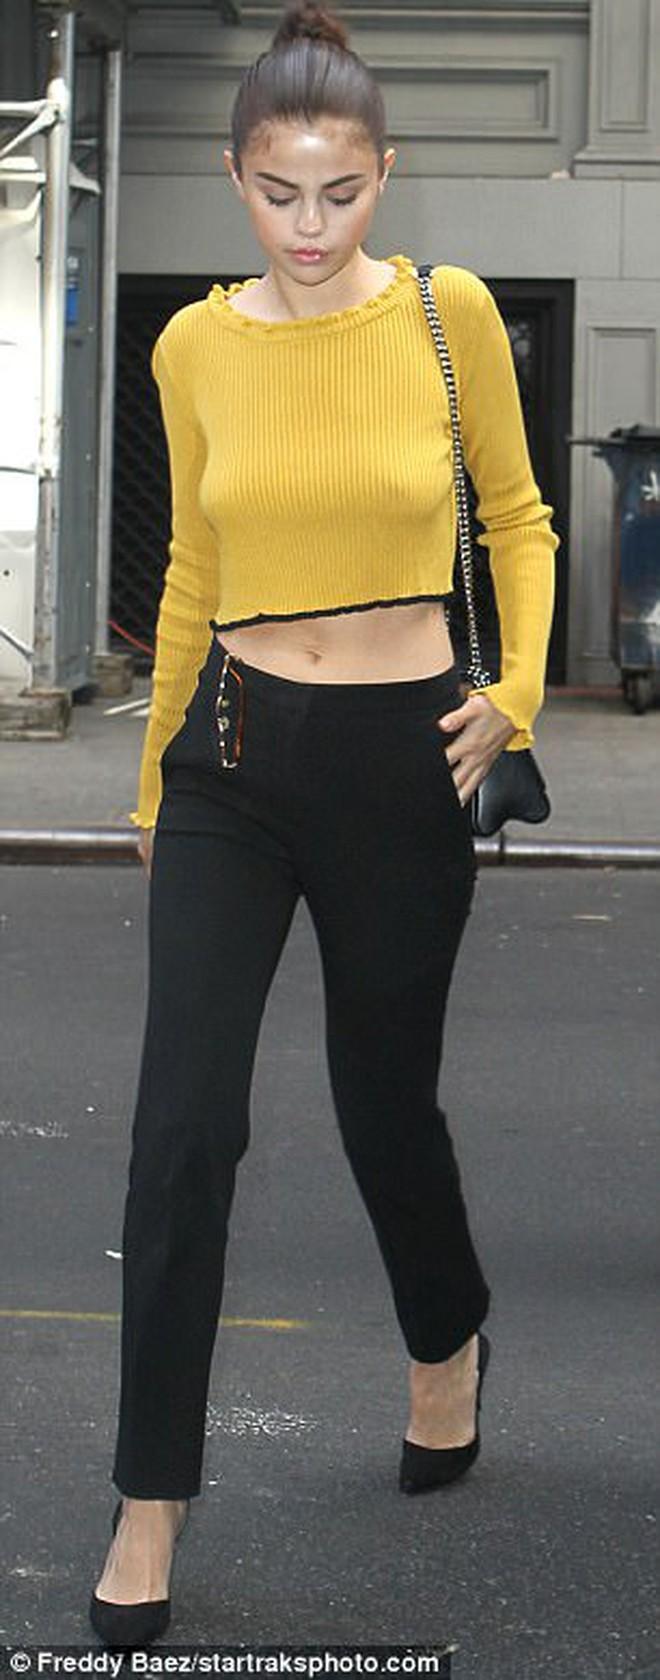 Selena Gomez không mặc nội y, khoe vóc dáng đầy gợi cảm sau phẫu thuật ghép thận - Ảnh 3.